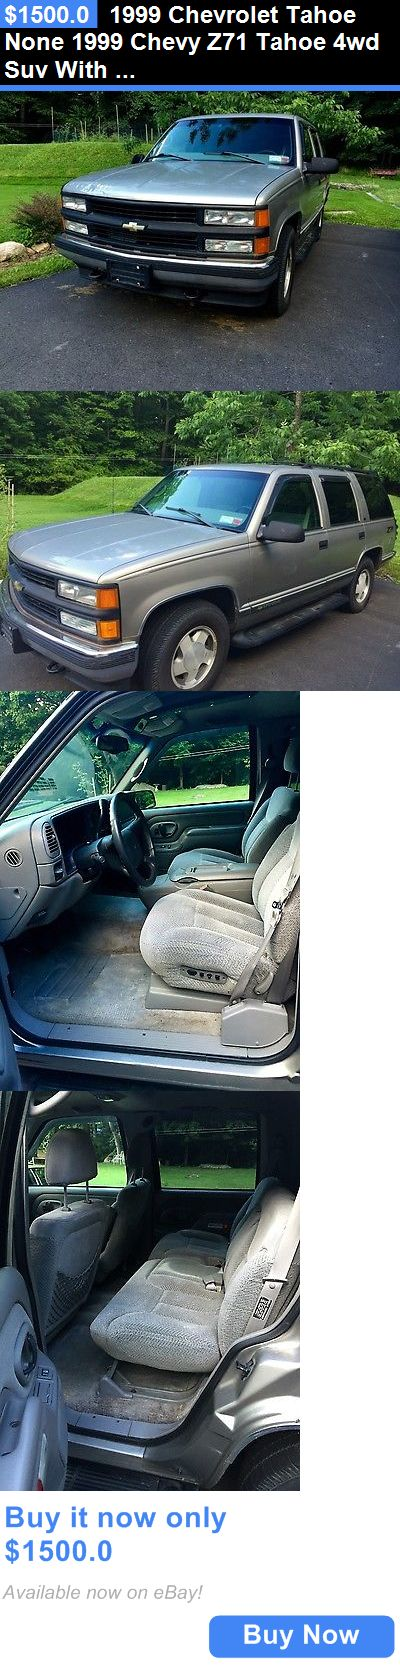 1999 chevy silverado 1500 v8 specs